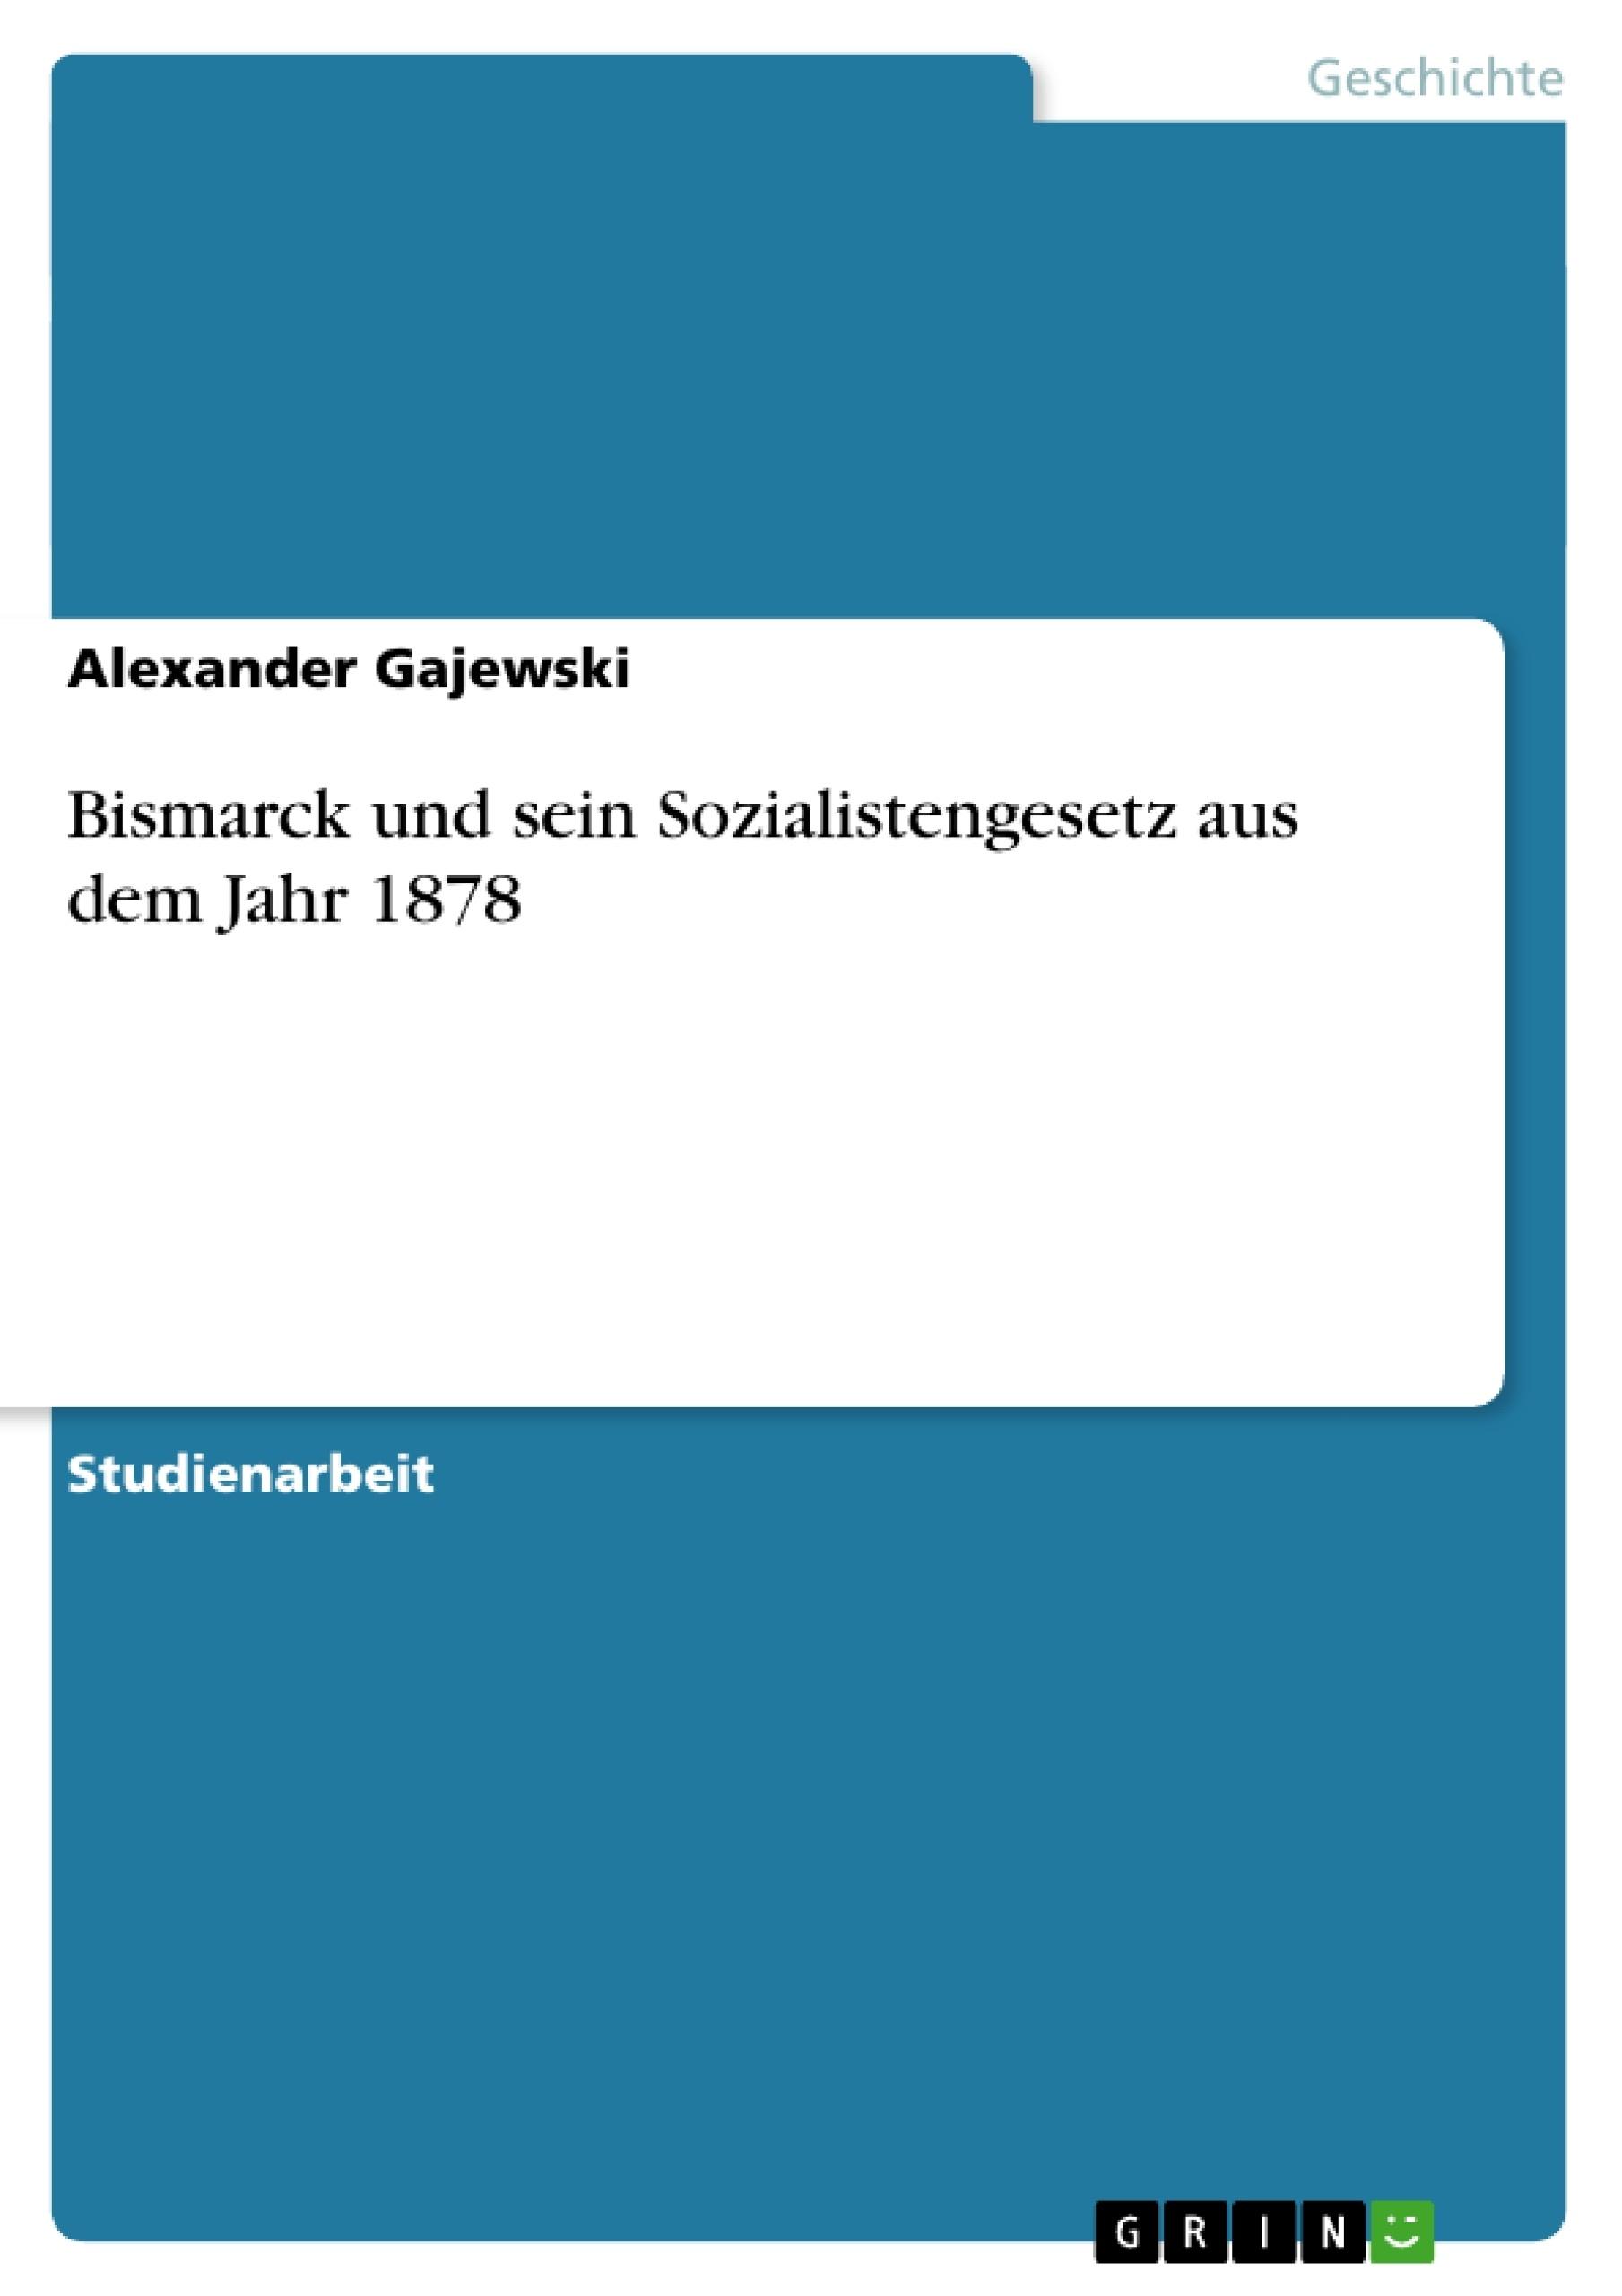 Titel: Bismarck und sein Sozialistengesetz aus dem Jahr 1878